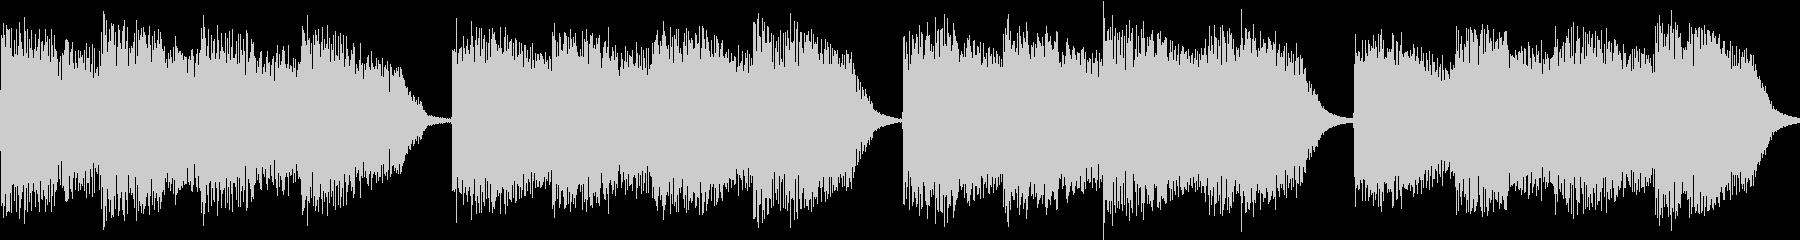 シンセ サイレン アナログ ピコピコ04の未再生の波形